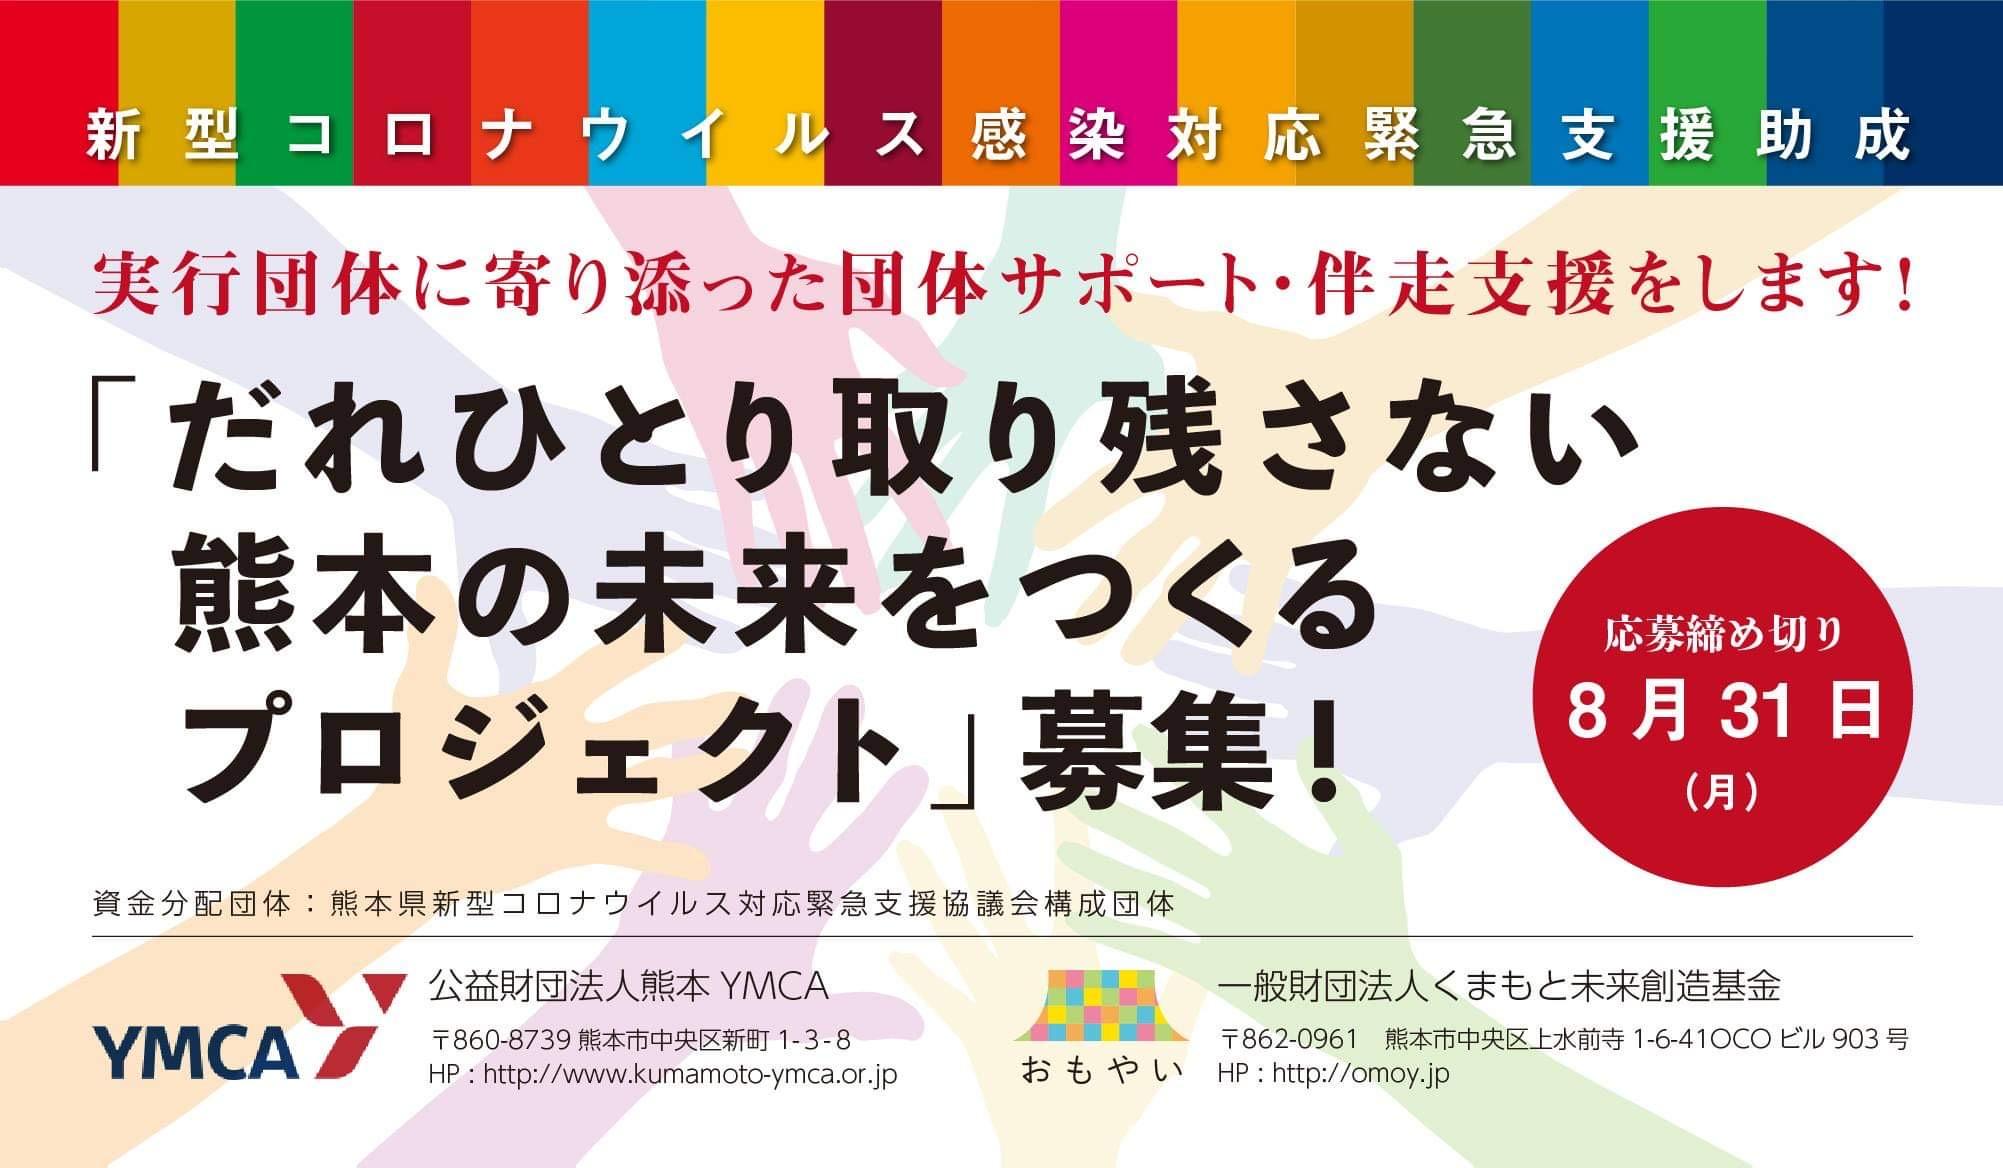 ★新型コロナウイルス感染対応緊急支援助成(採択団体決定!)